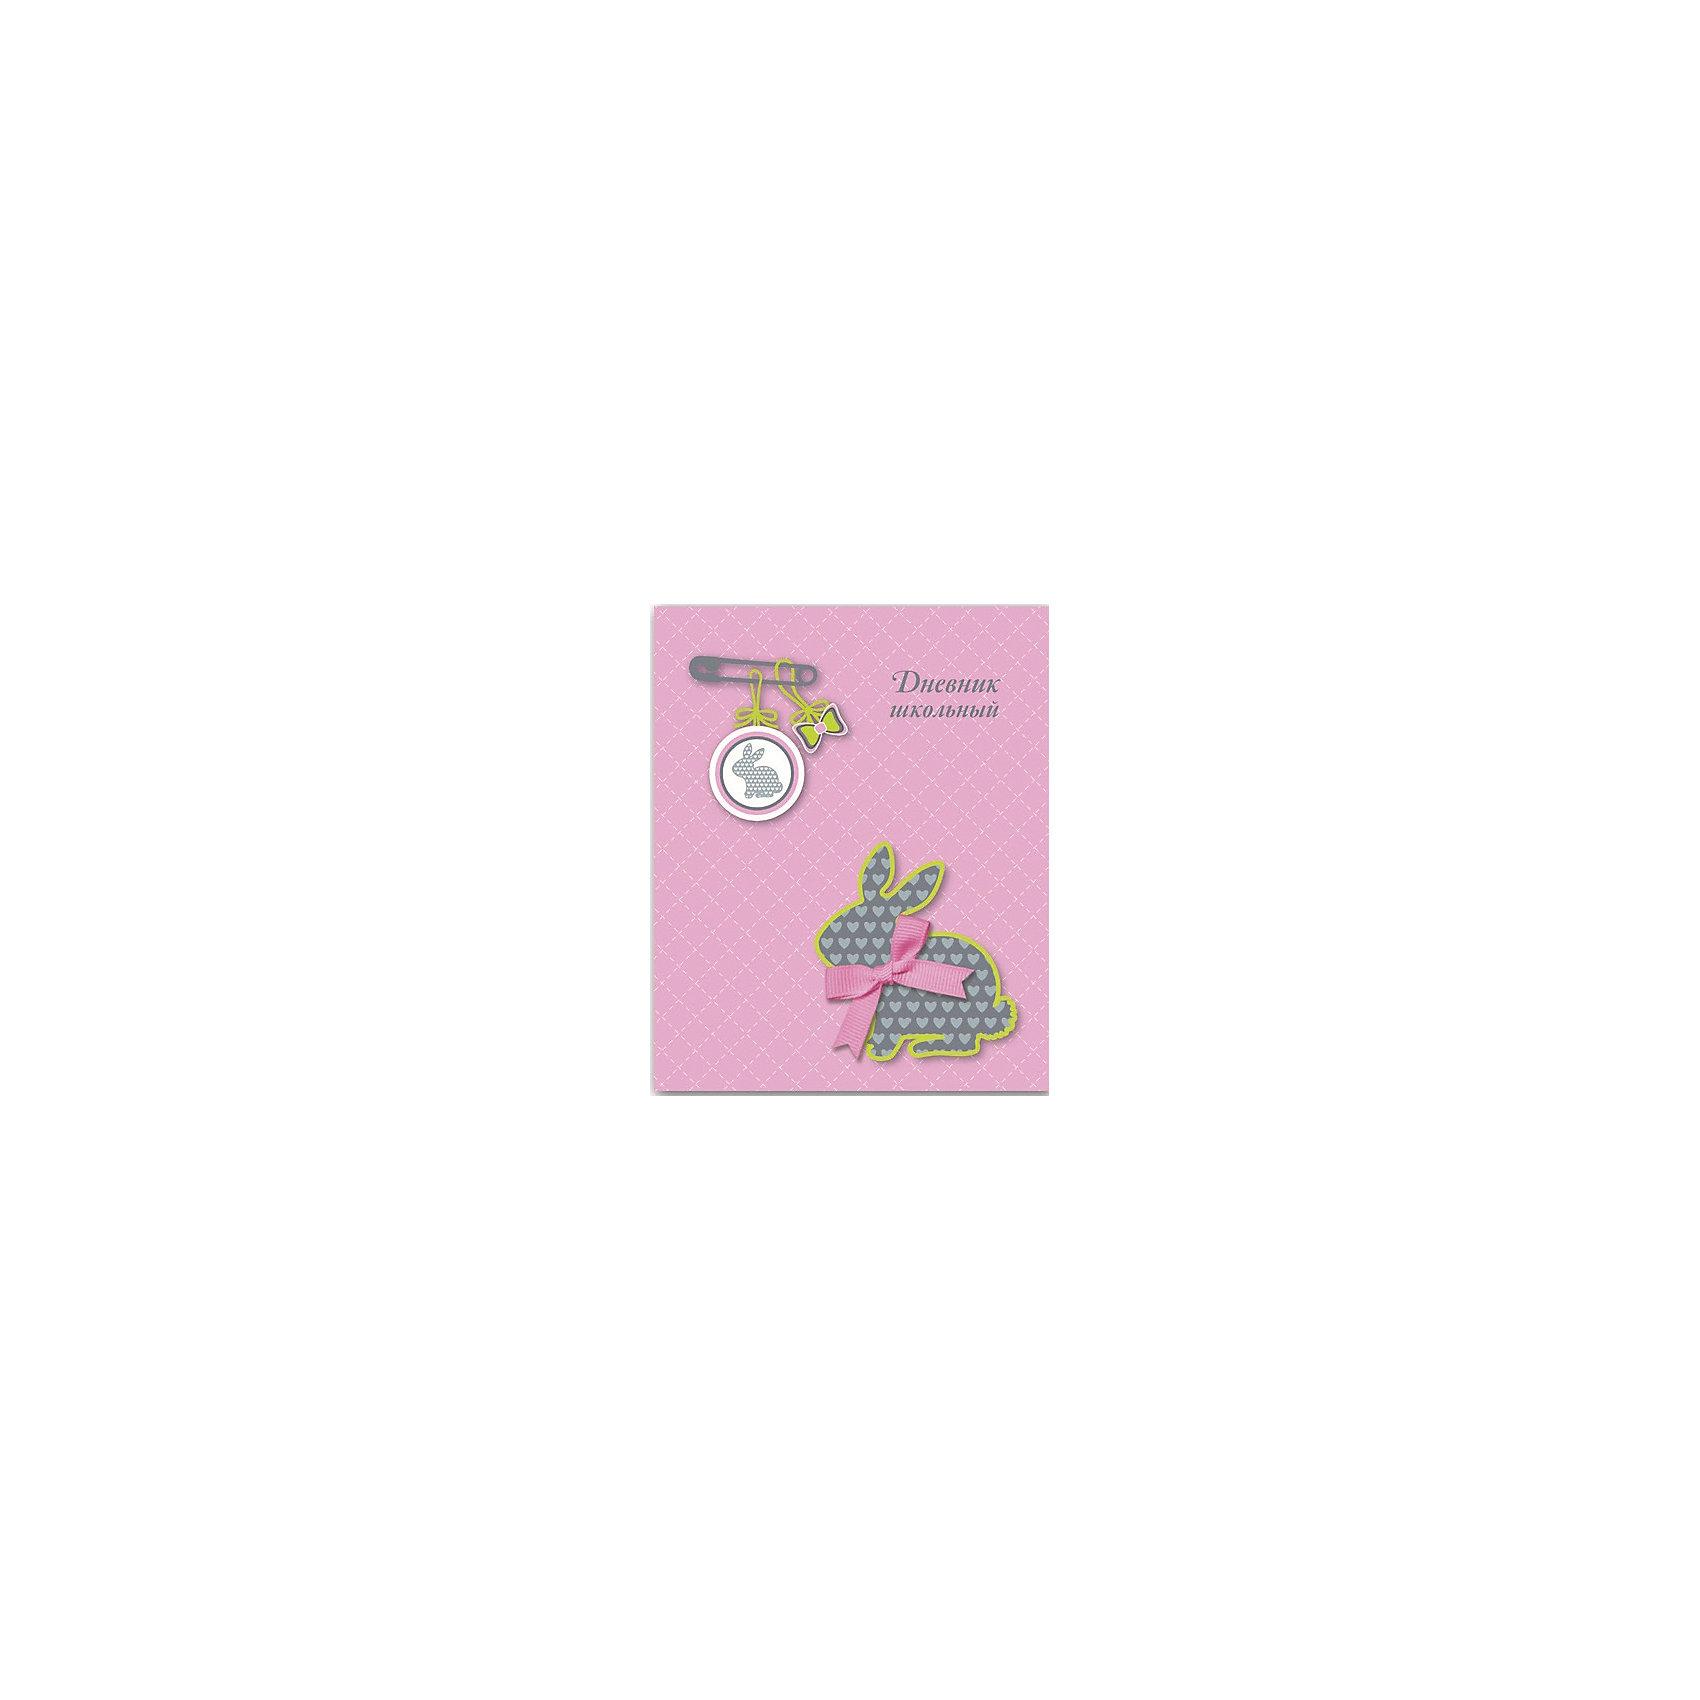 Дневник Кролик с бантомОдна из важнейших школьных принадлежностей - дневник. Он нужен каждому школьнику. Занятия ребенка в школе всегда требуют приобретения атрибутов для учебы. Так пусть они будут стильными и качественными! Ведь учиться с ними - намного приятней.<br>Школьный дневник Кролик с бантом - стандартного формата А5. Обложка - из плотной бумаги с изображением кролика. Листы надежно скреплены. Изделие произведено из качественных и безопасных для ребенка материалов.<br><br>Дополнительная информация:<br><br>цвет: разноцветный;<br>формат: А5;<br>материал: бумага.<br><br>Дневник Кролик с бантом можно купить в нашем магазине.<br><br>Ширина мм: 220<br>Глубина мм: 170<br>Высота мм: 10<br>Вес г: 250<br>Возраст от месяцев: 72<br>Возраст до месяцев: 192<br>Пол: Женский<br>Возраст: Детский<br>SKU: 4746254